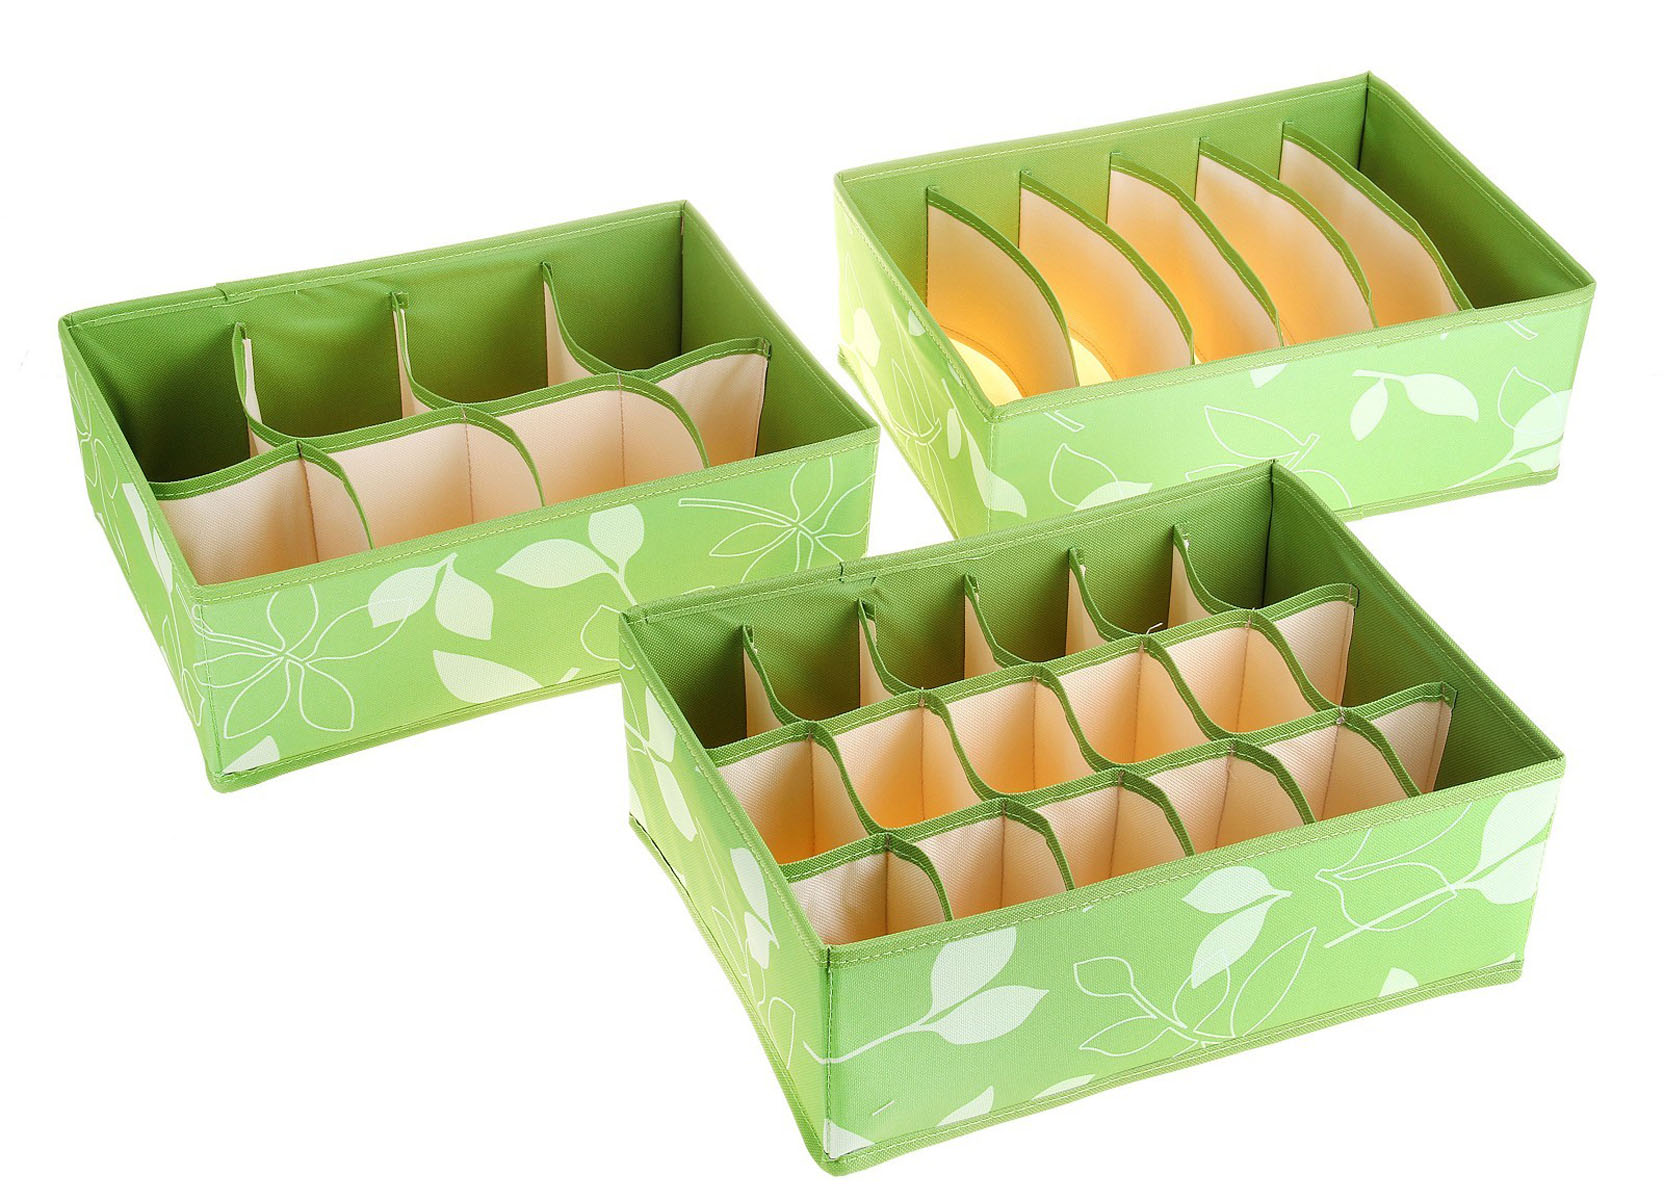 Кофр для мелких вещей Листочки, цвет: зеленый, 32 см х 24 см х 12 см, 3 шт ящик для рыболовных принадлежностей onlitop цвет зеленый черный 38 х 24 х 37 см